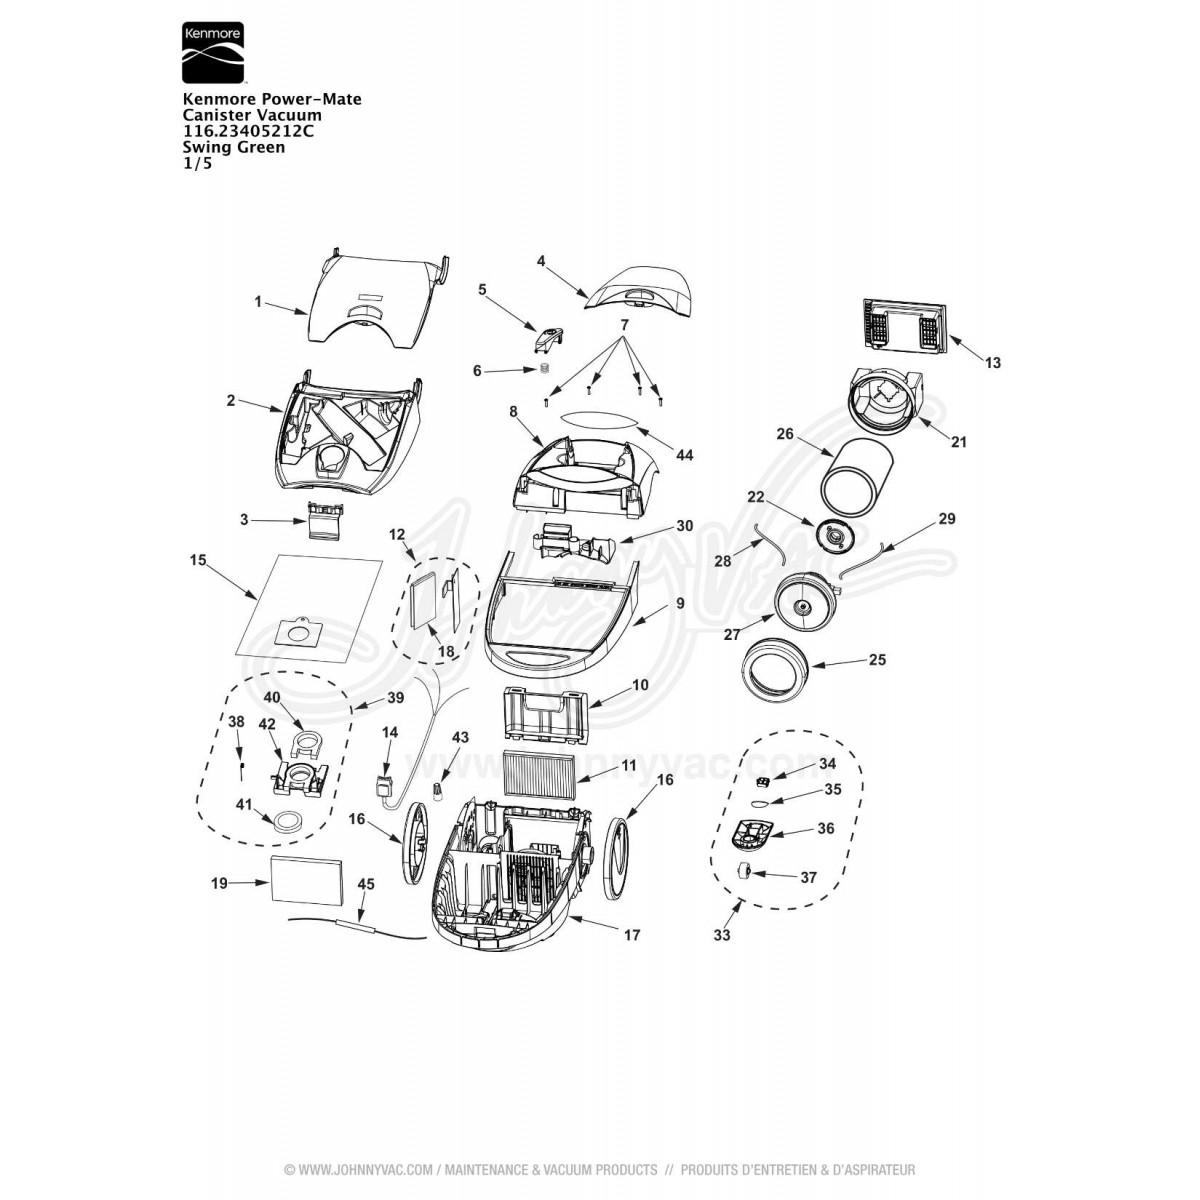 Kenmore Powermate Canister Vacuum Wiring Diagram